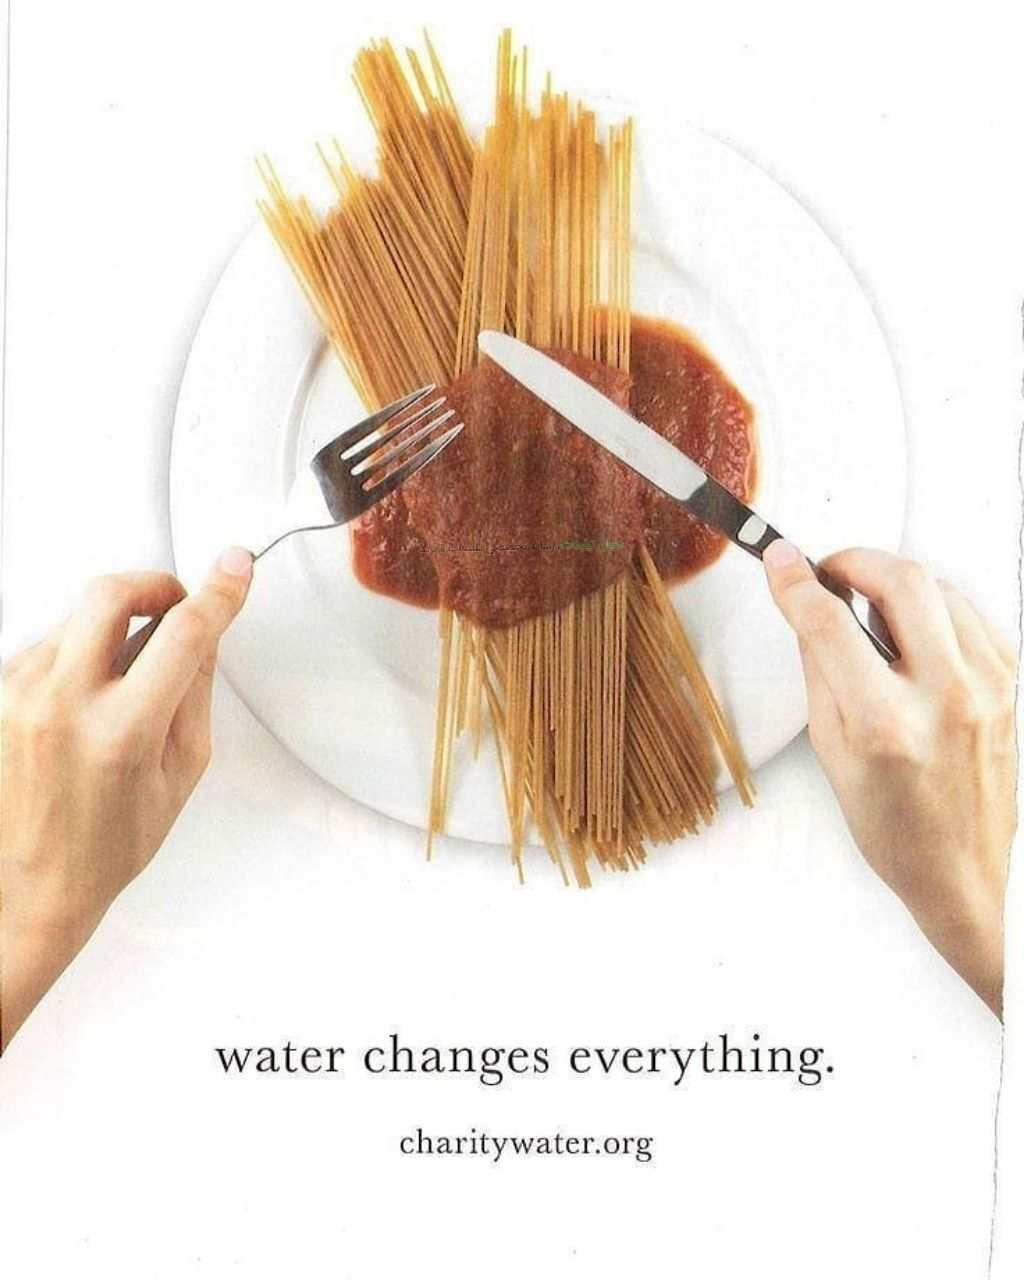 تبلیغ خلاقانه صرفه جویی در مصرف آب / آب همه چیز و عوض میکنه